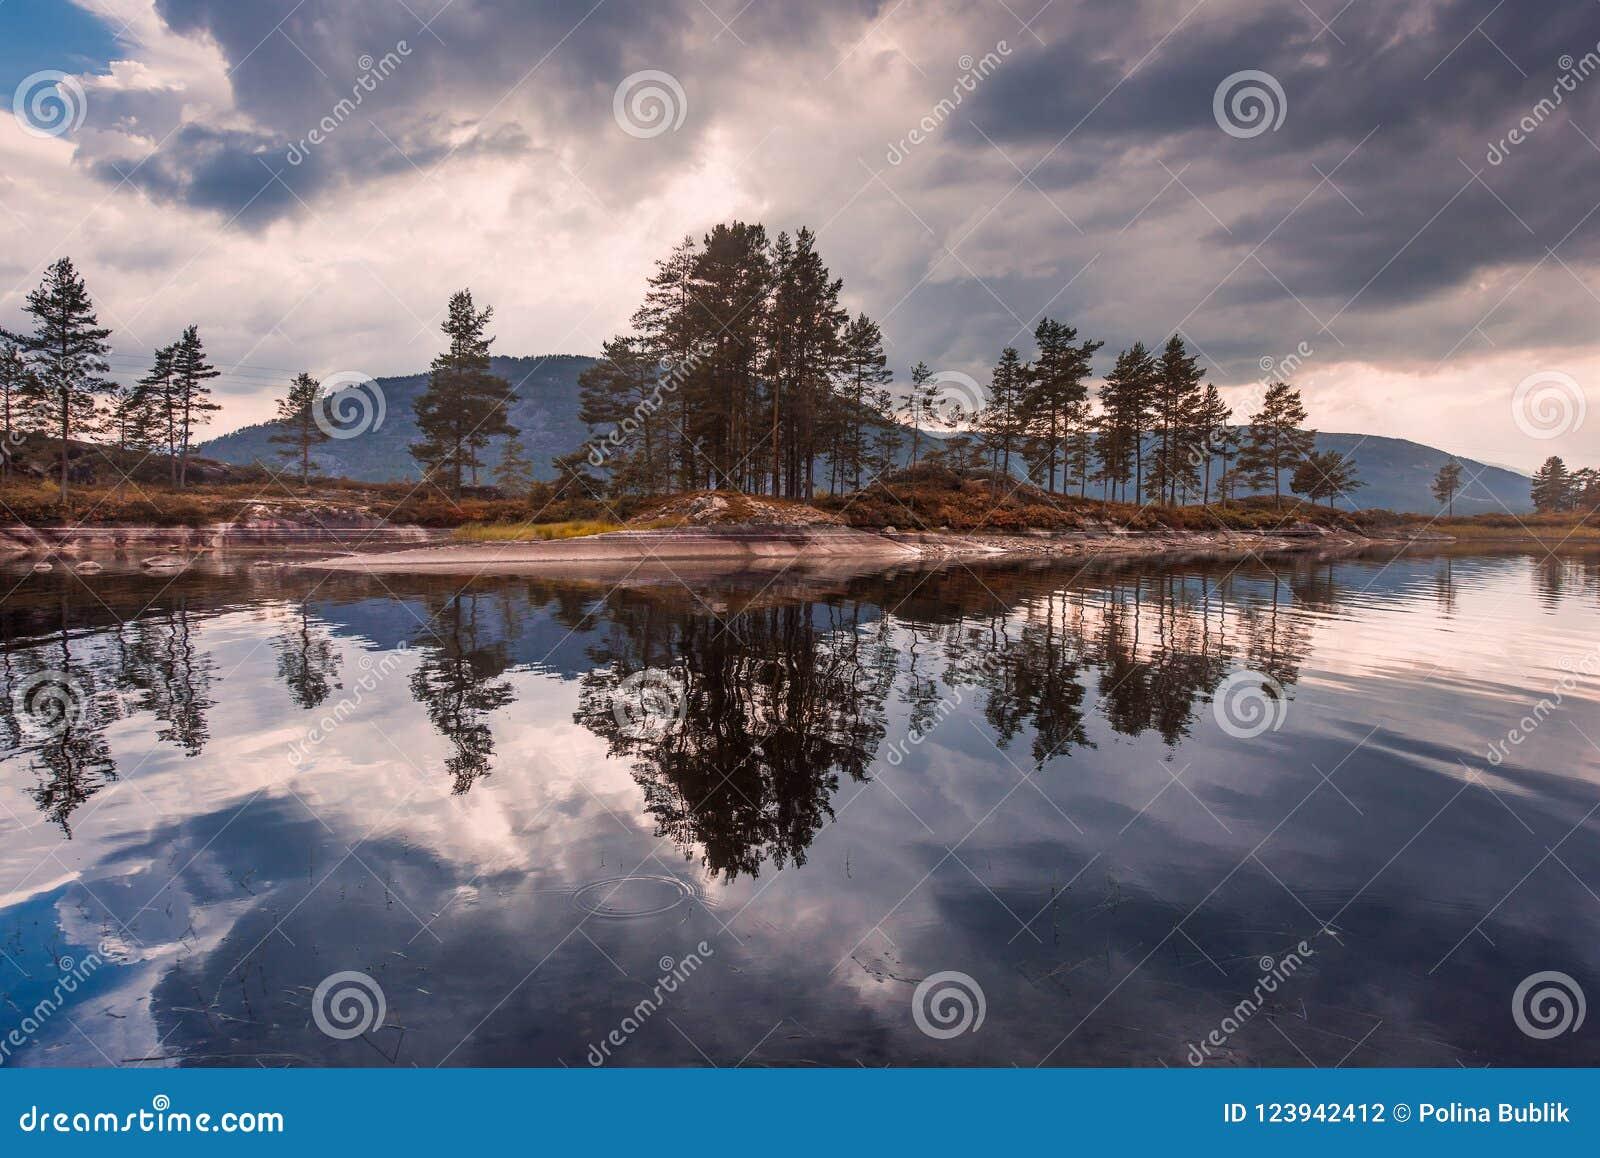 El viaje en la manera a la piedra del kjerag en las montañas kjeragbolten de Noruega, reflexión de árboles en el lago en los sole